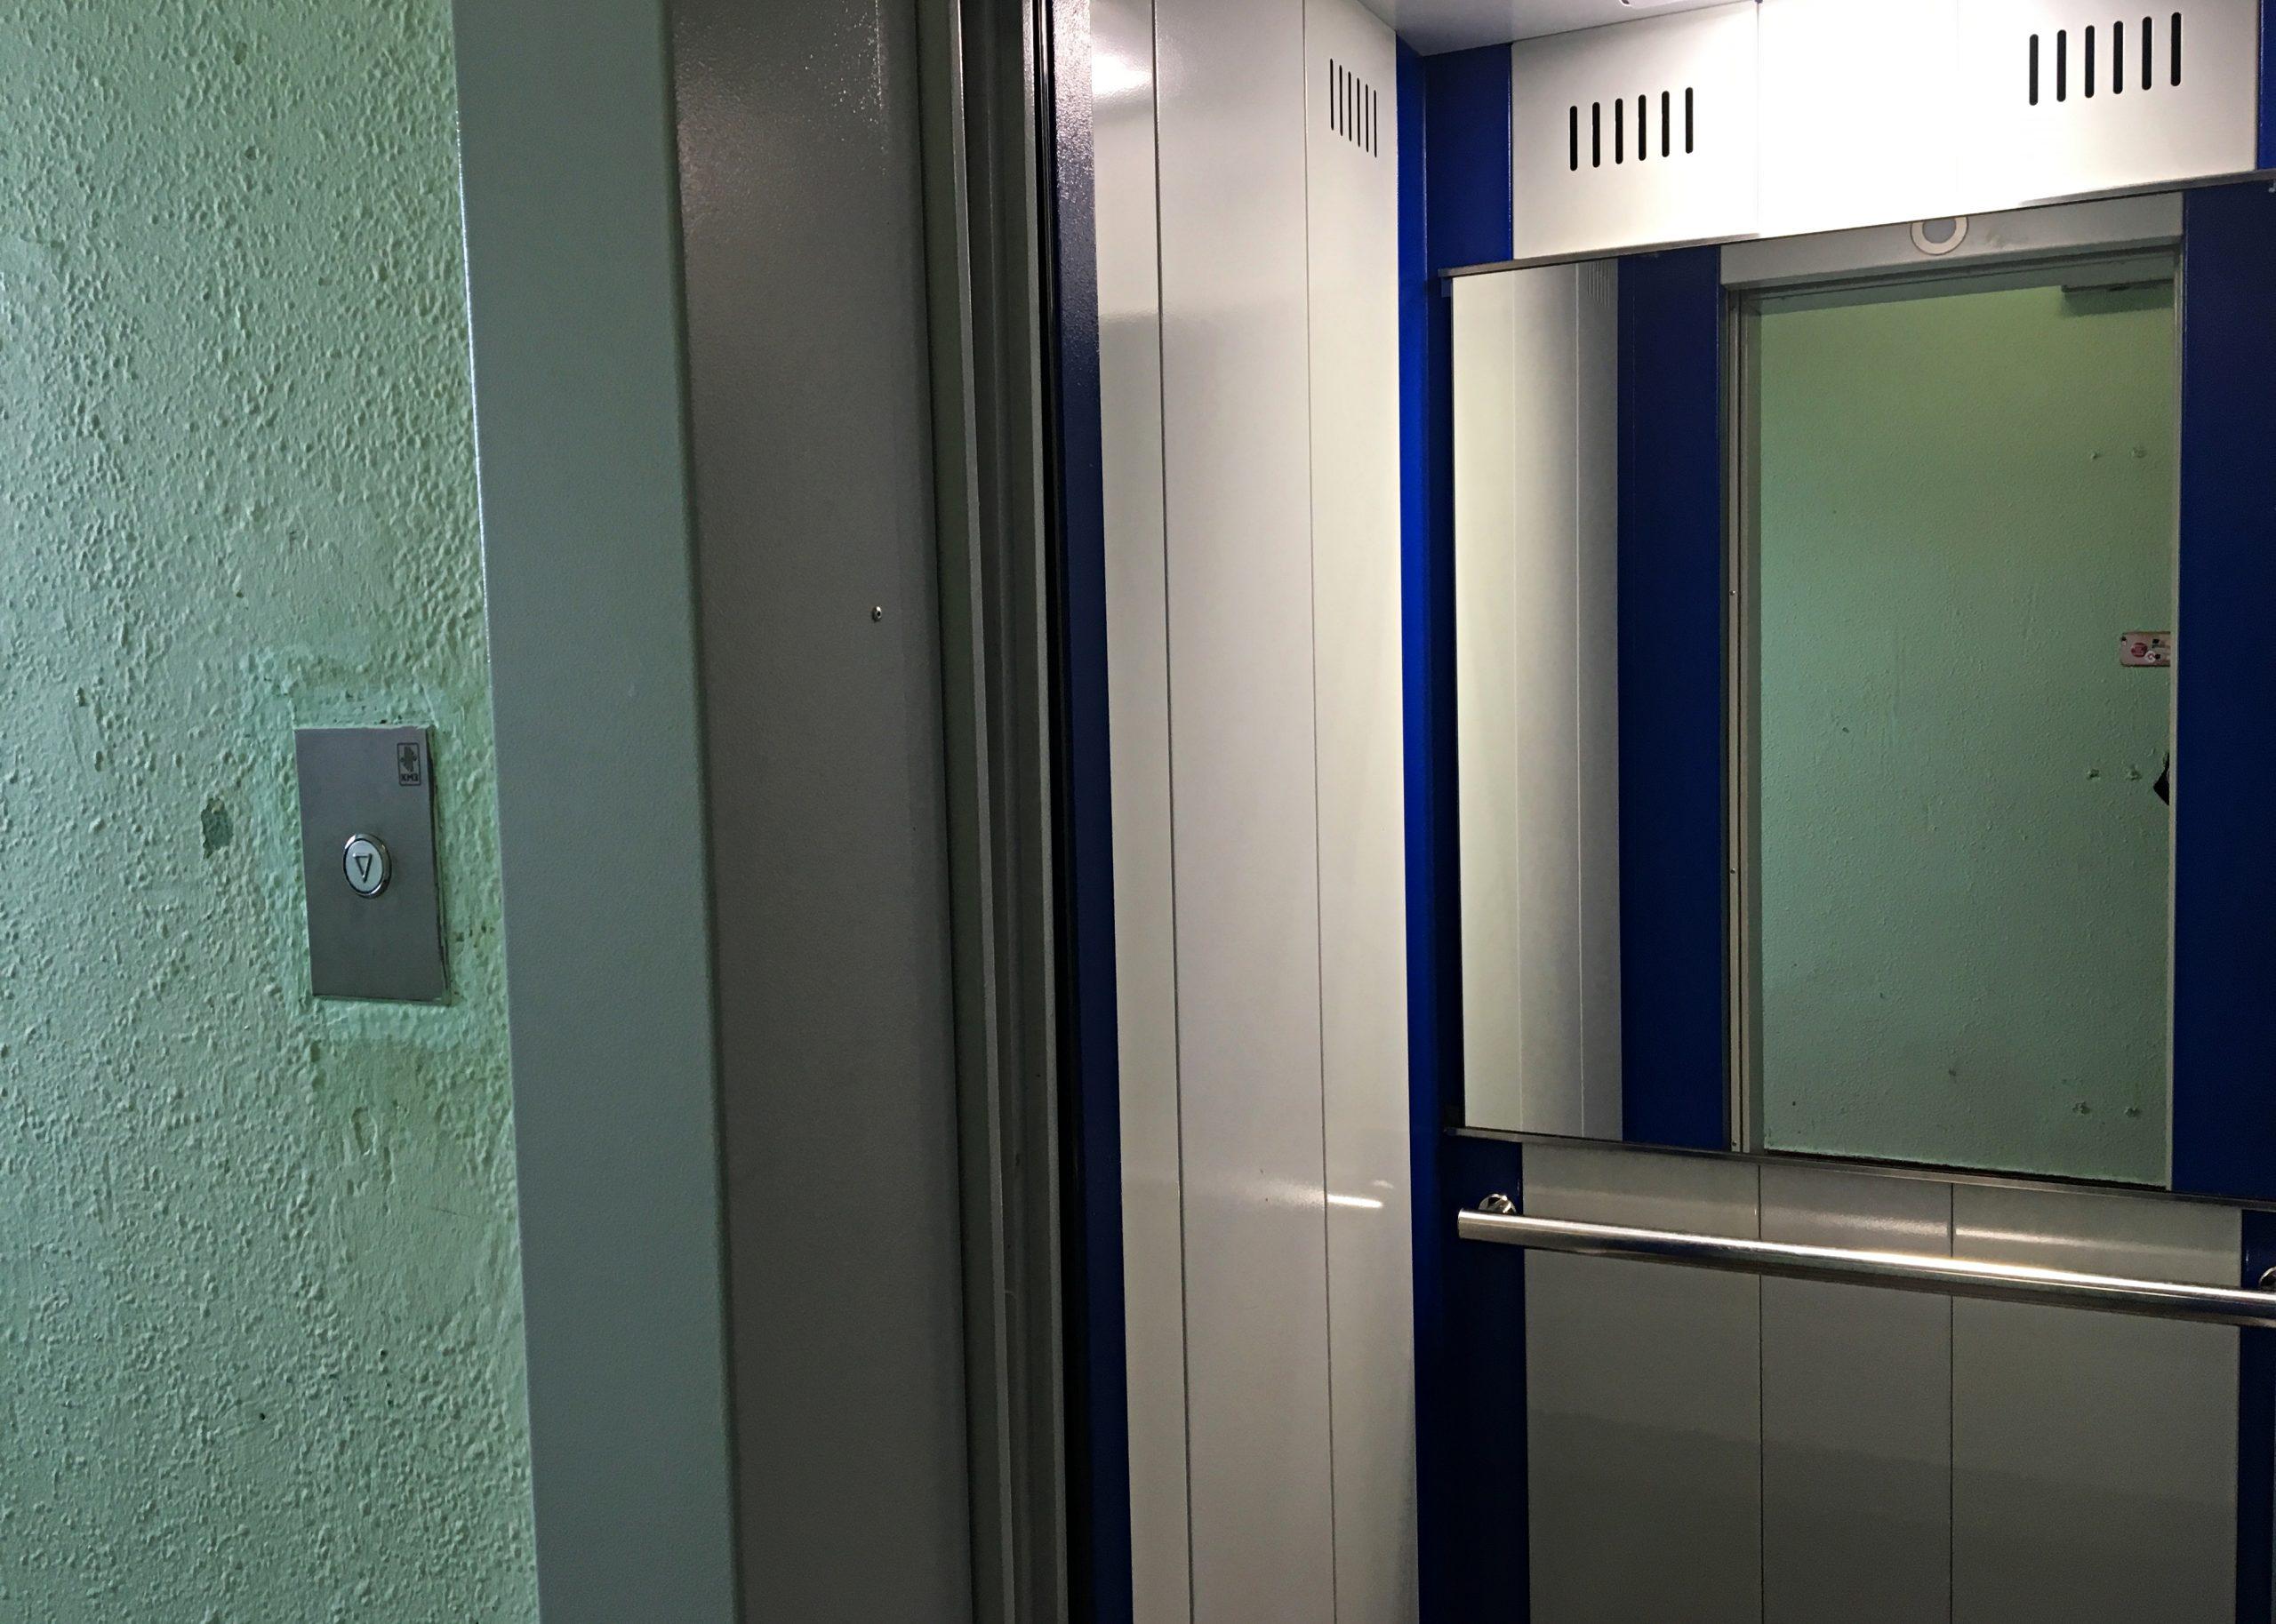 Замену лифтового оборудования начали в многоквартирном доме в Рязановском